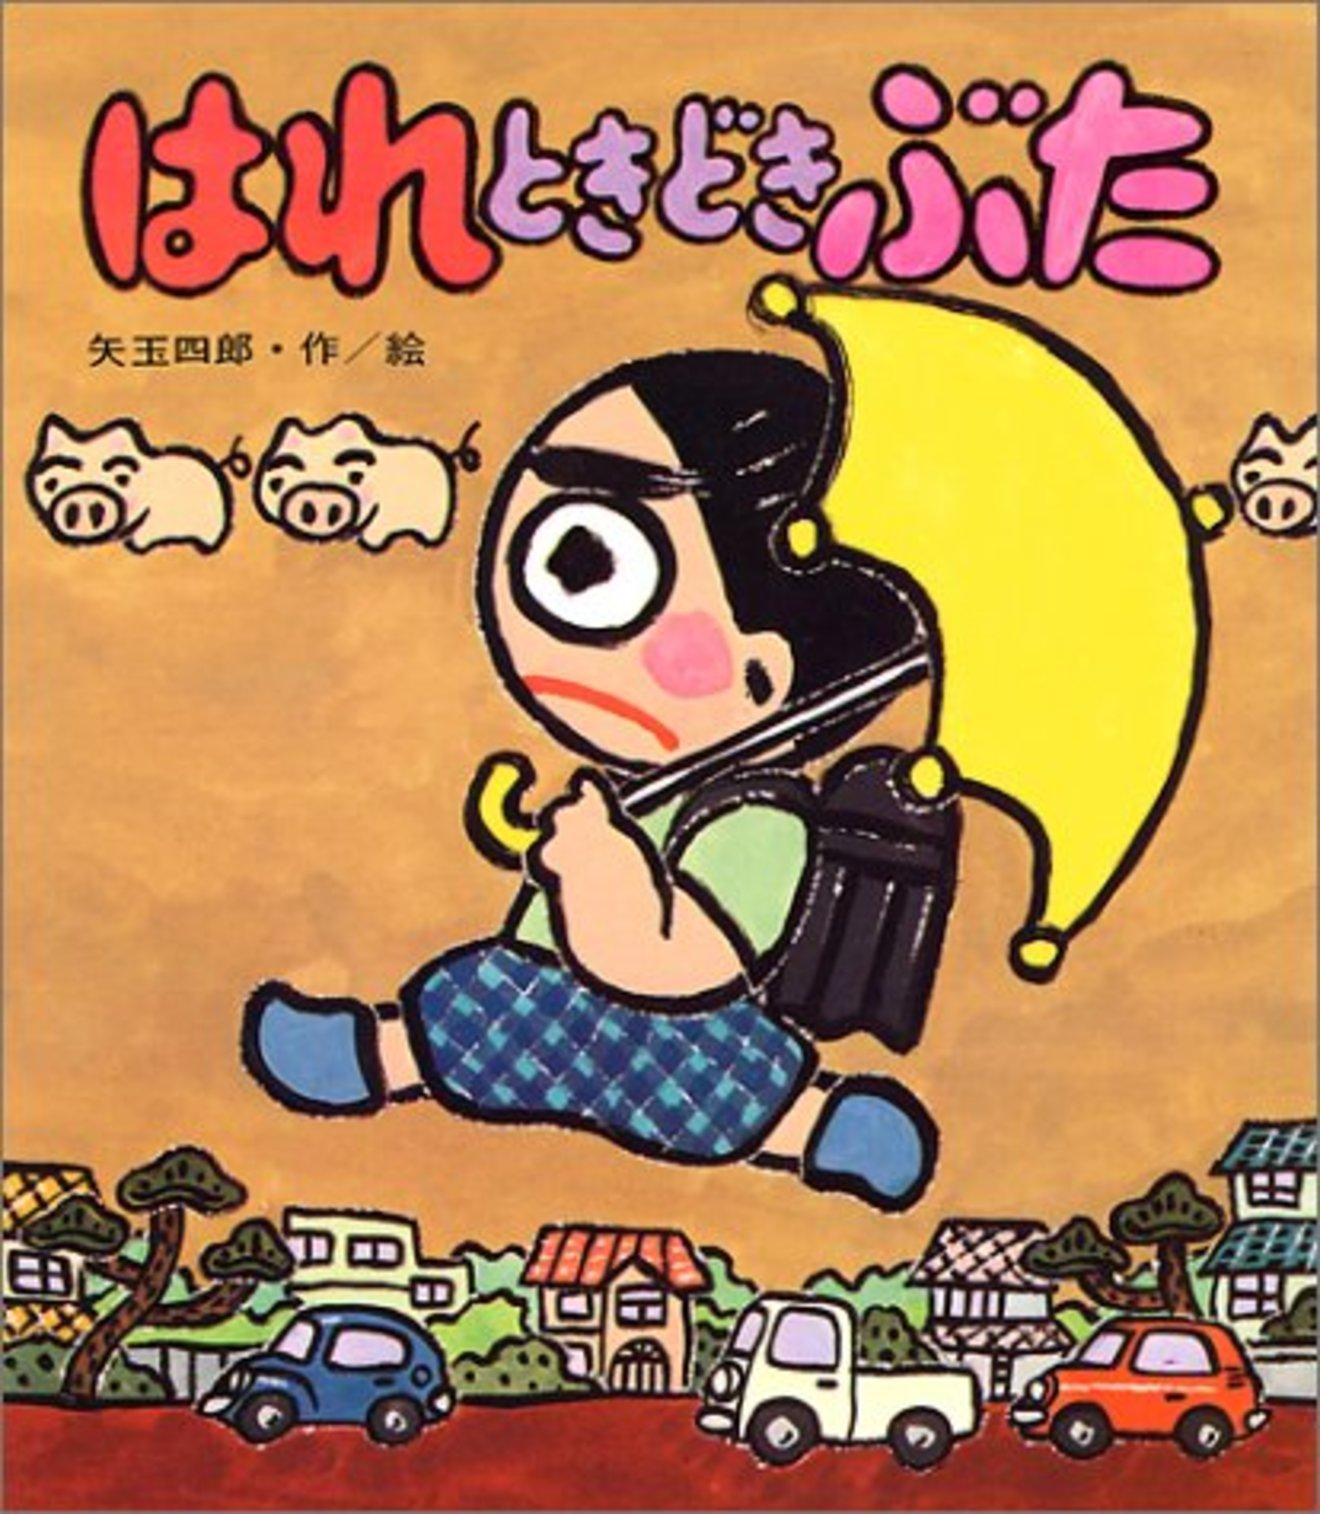 「はれぶた」シリーズおすすめ5選!色褪せない名作児童書の魅力とは